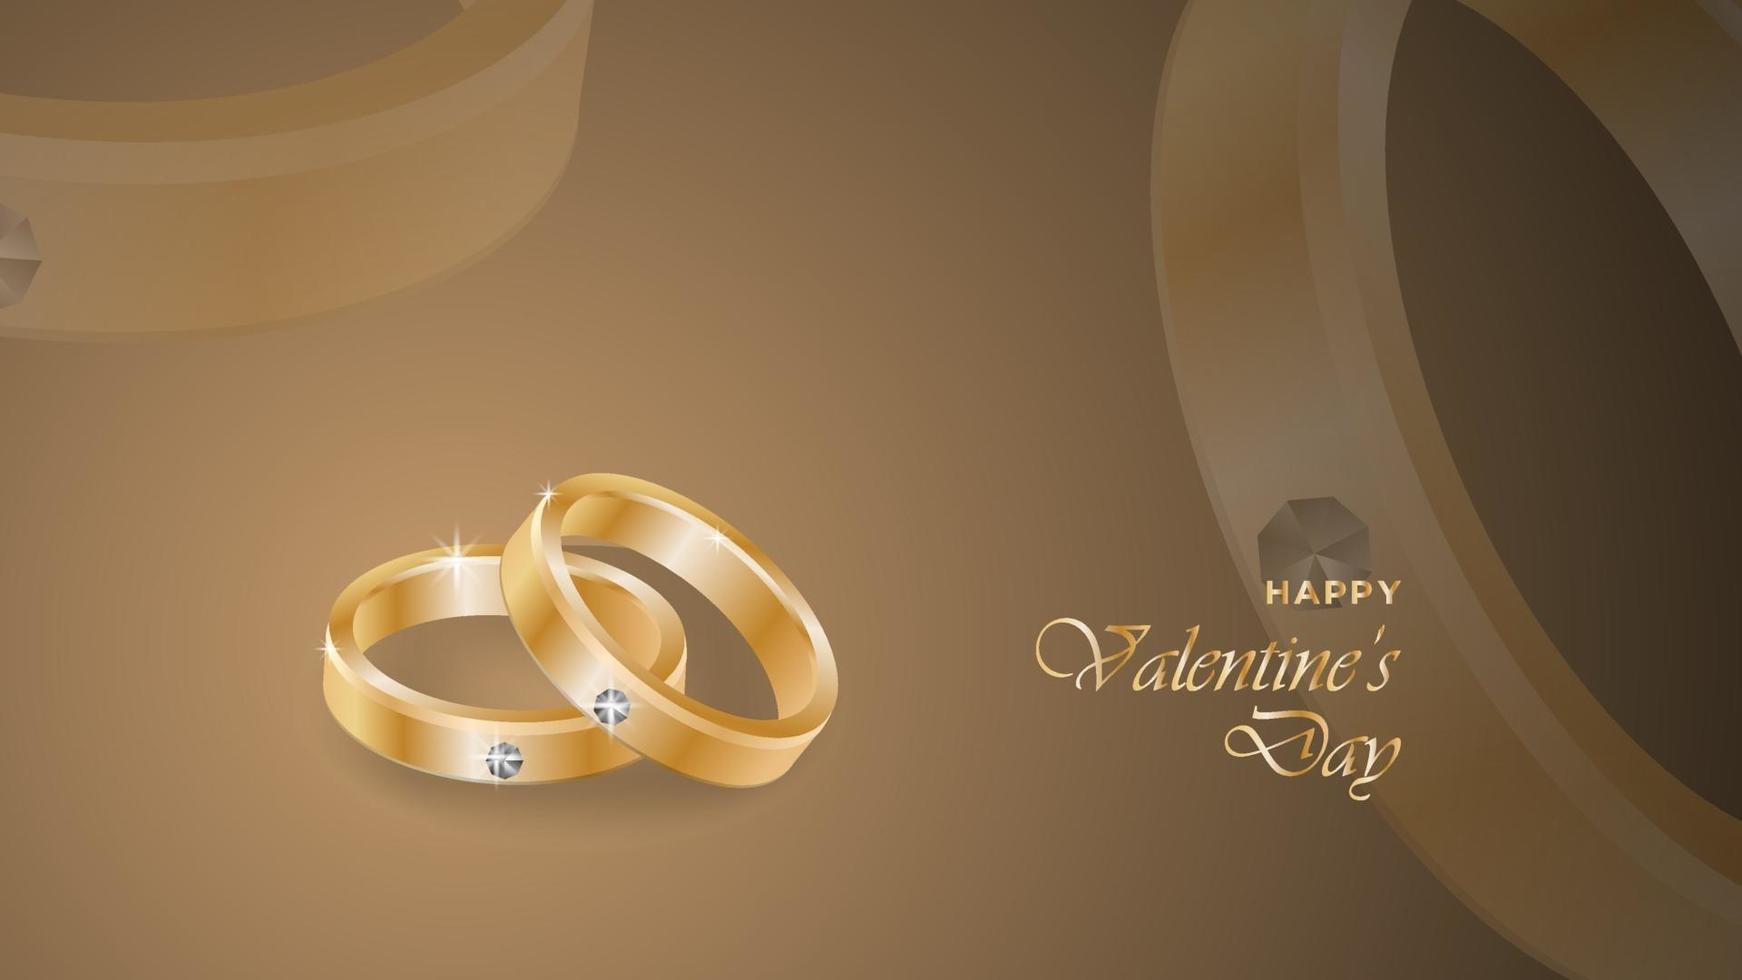 felice giorno di San Valentino sfondo con oggetti di design anello realistico vettore